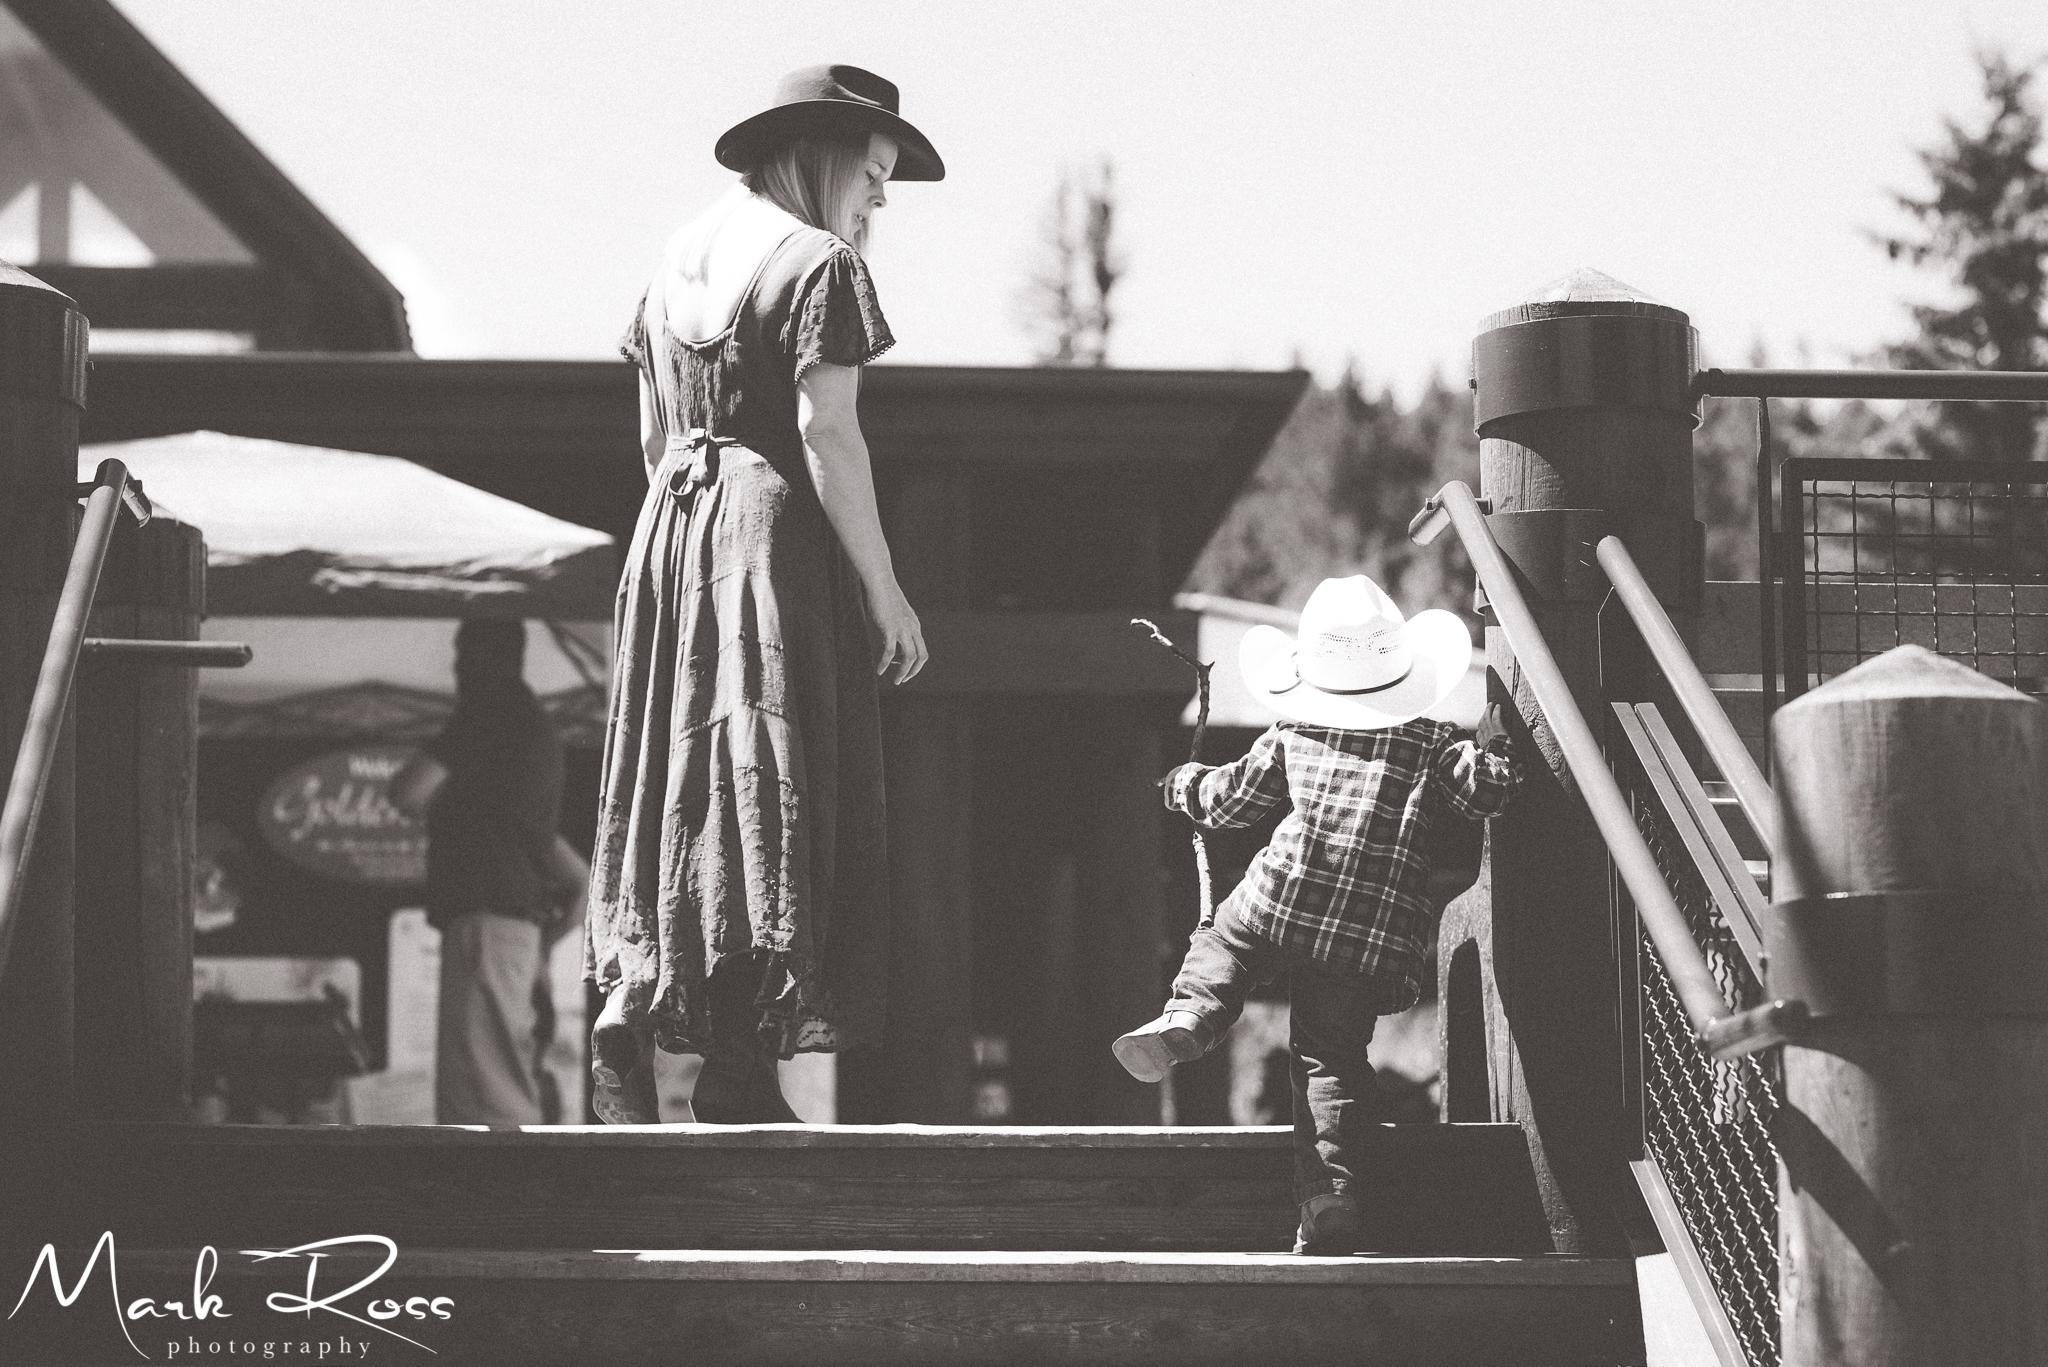 Denver-Family-Photographer-Blog-Mark-Ross-Photography-Glas-Family-23.jpg